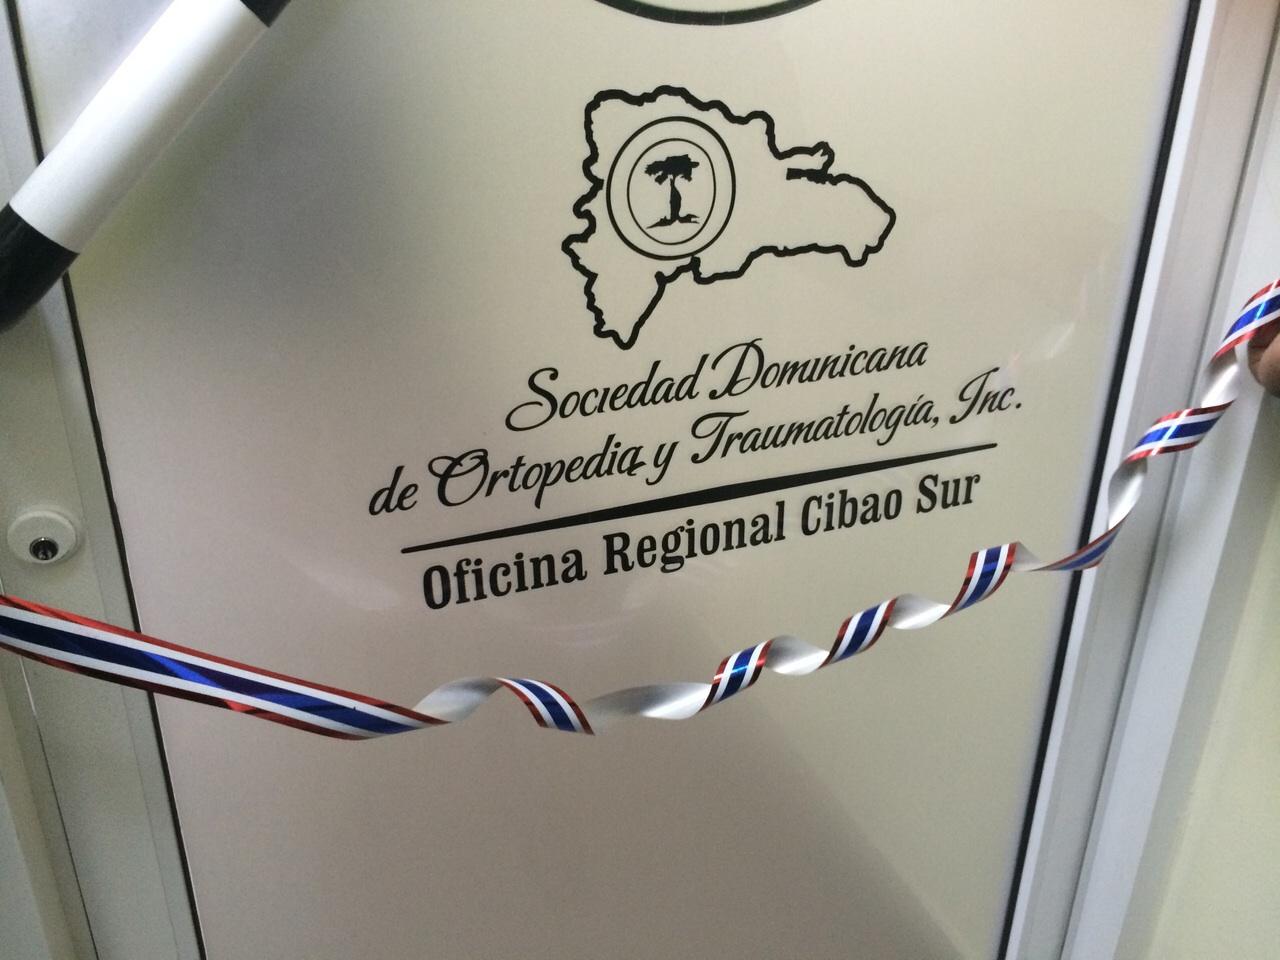 INAUGURACION OFICINA REGIONAL CIBAO SUR